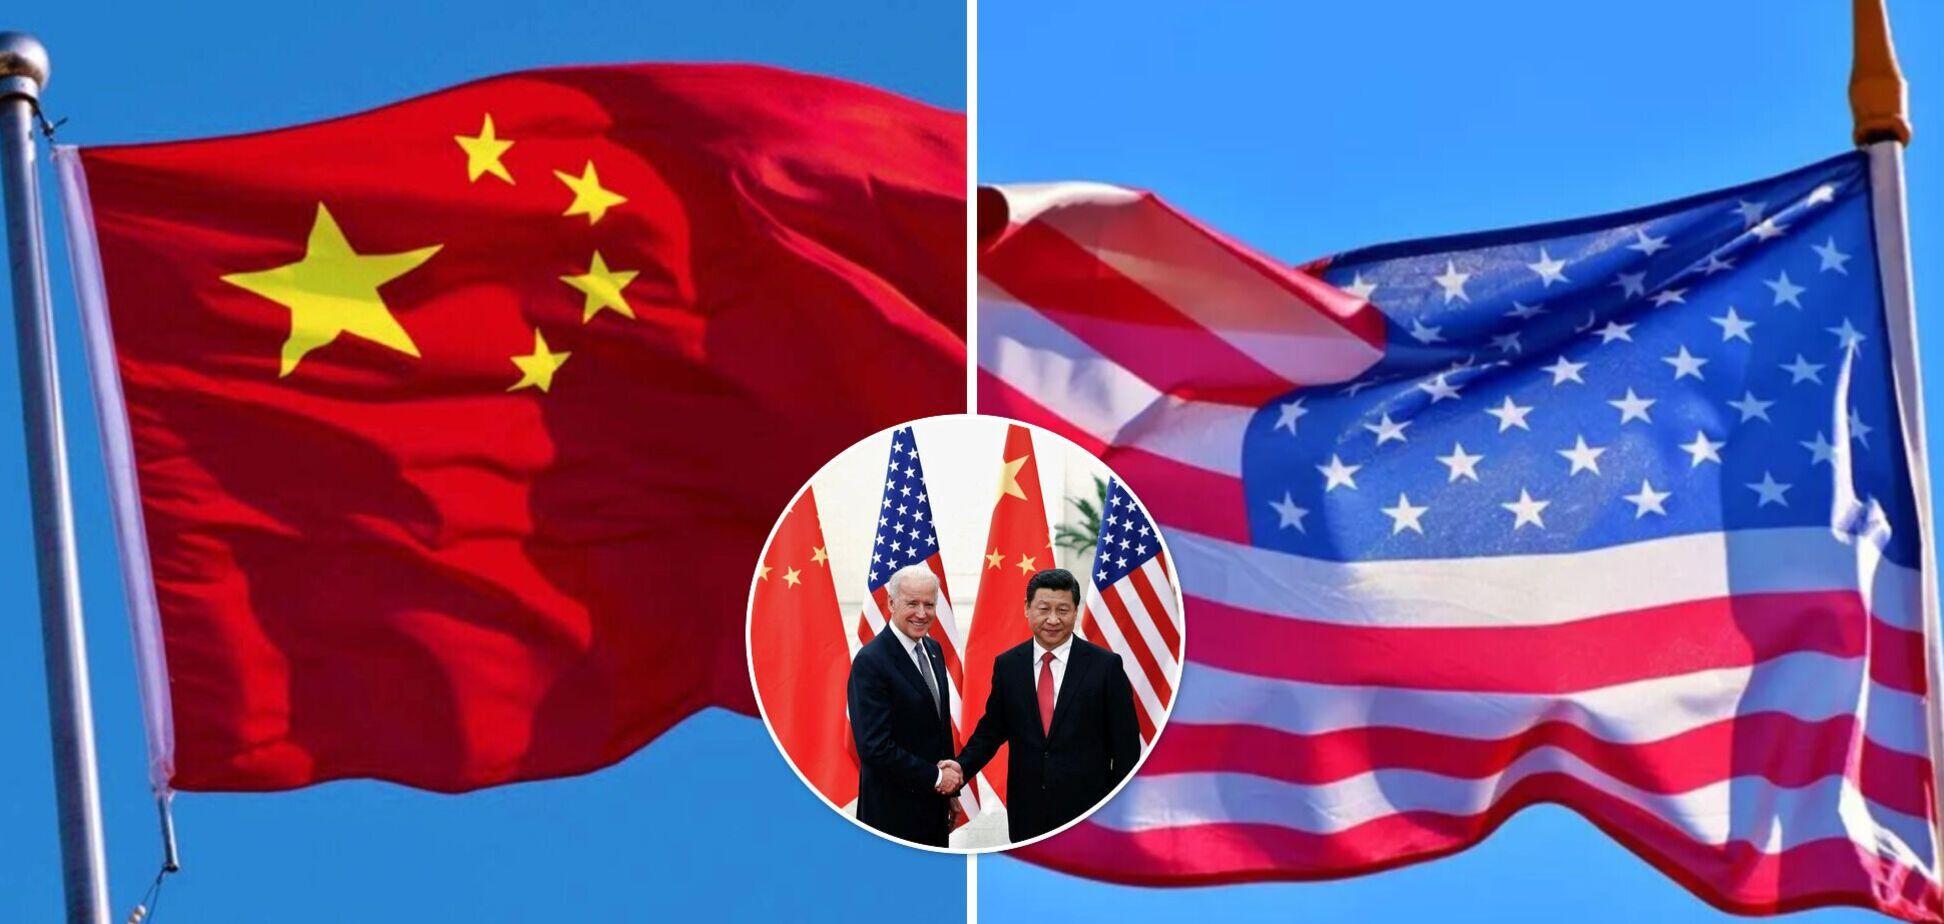 СМИ сообщили, что Си Цзиньпин отказался от встречи с Байденом: президент США опровергает